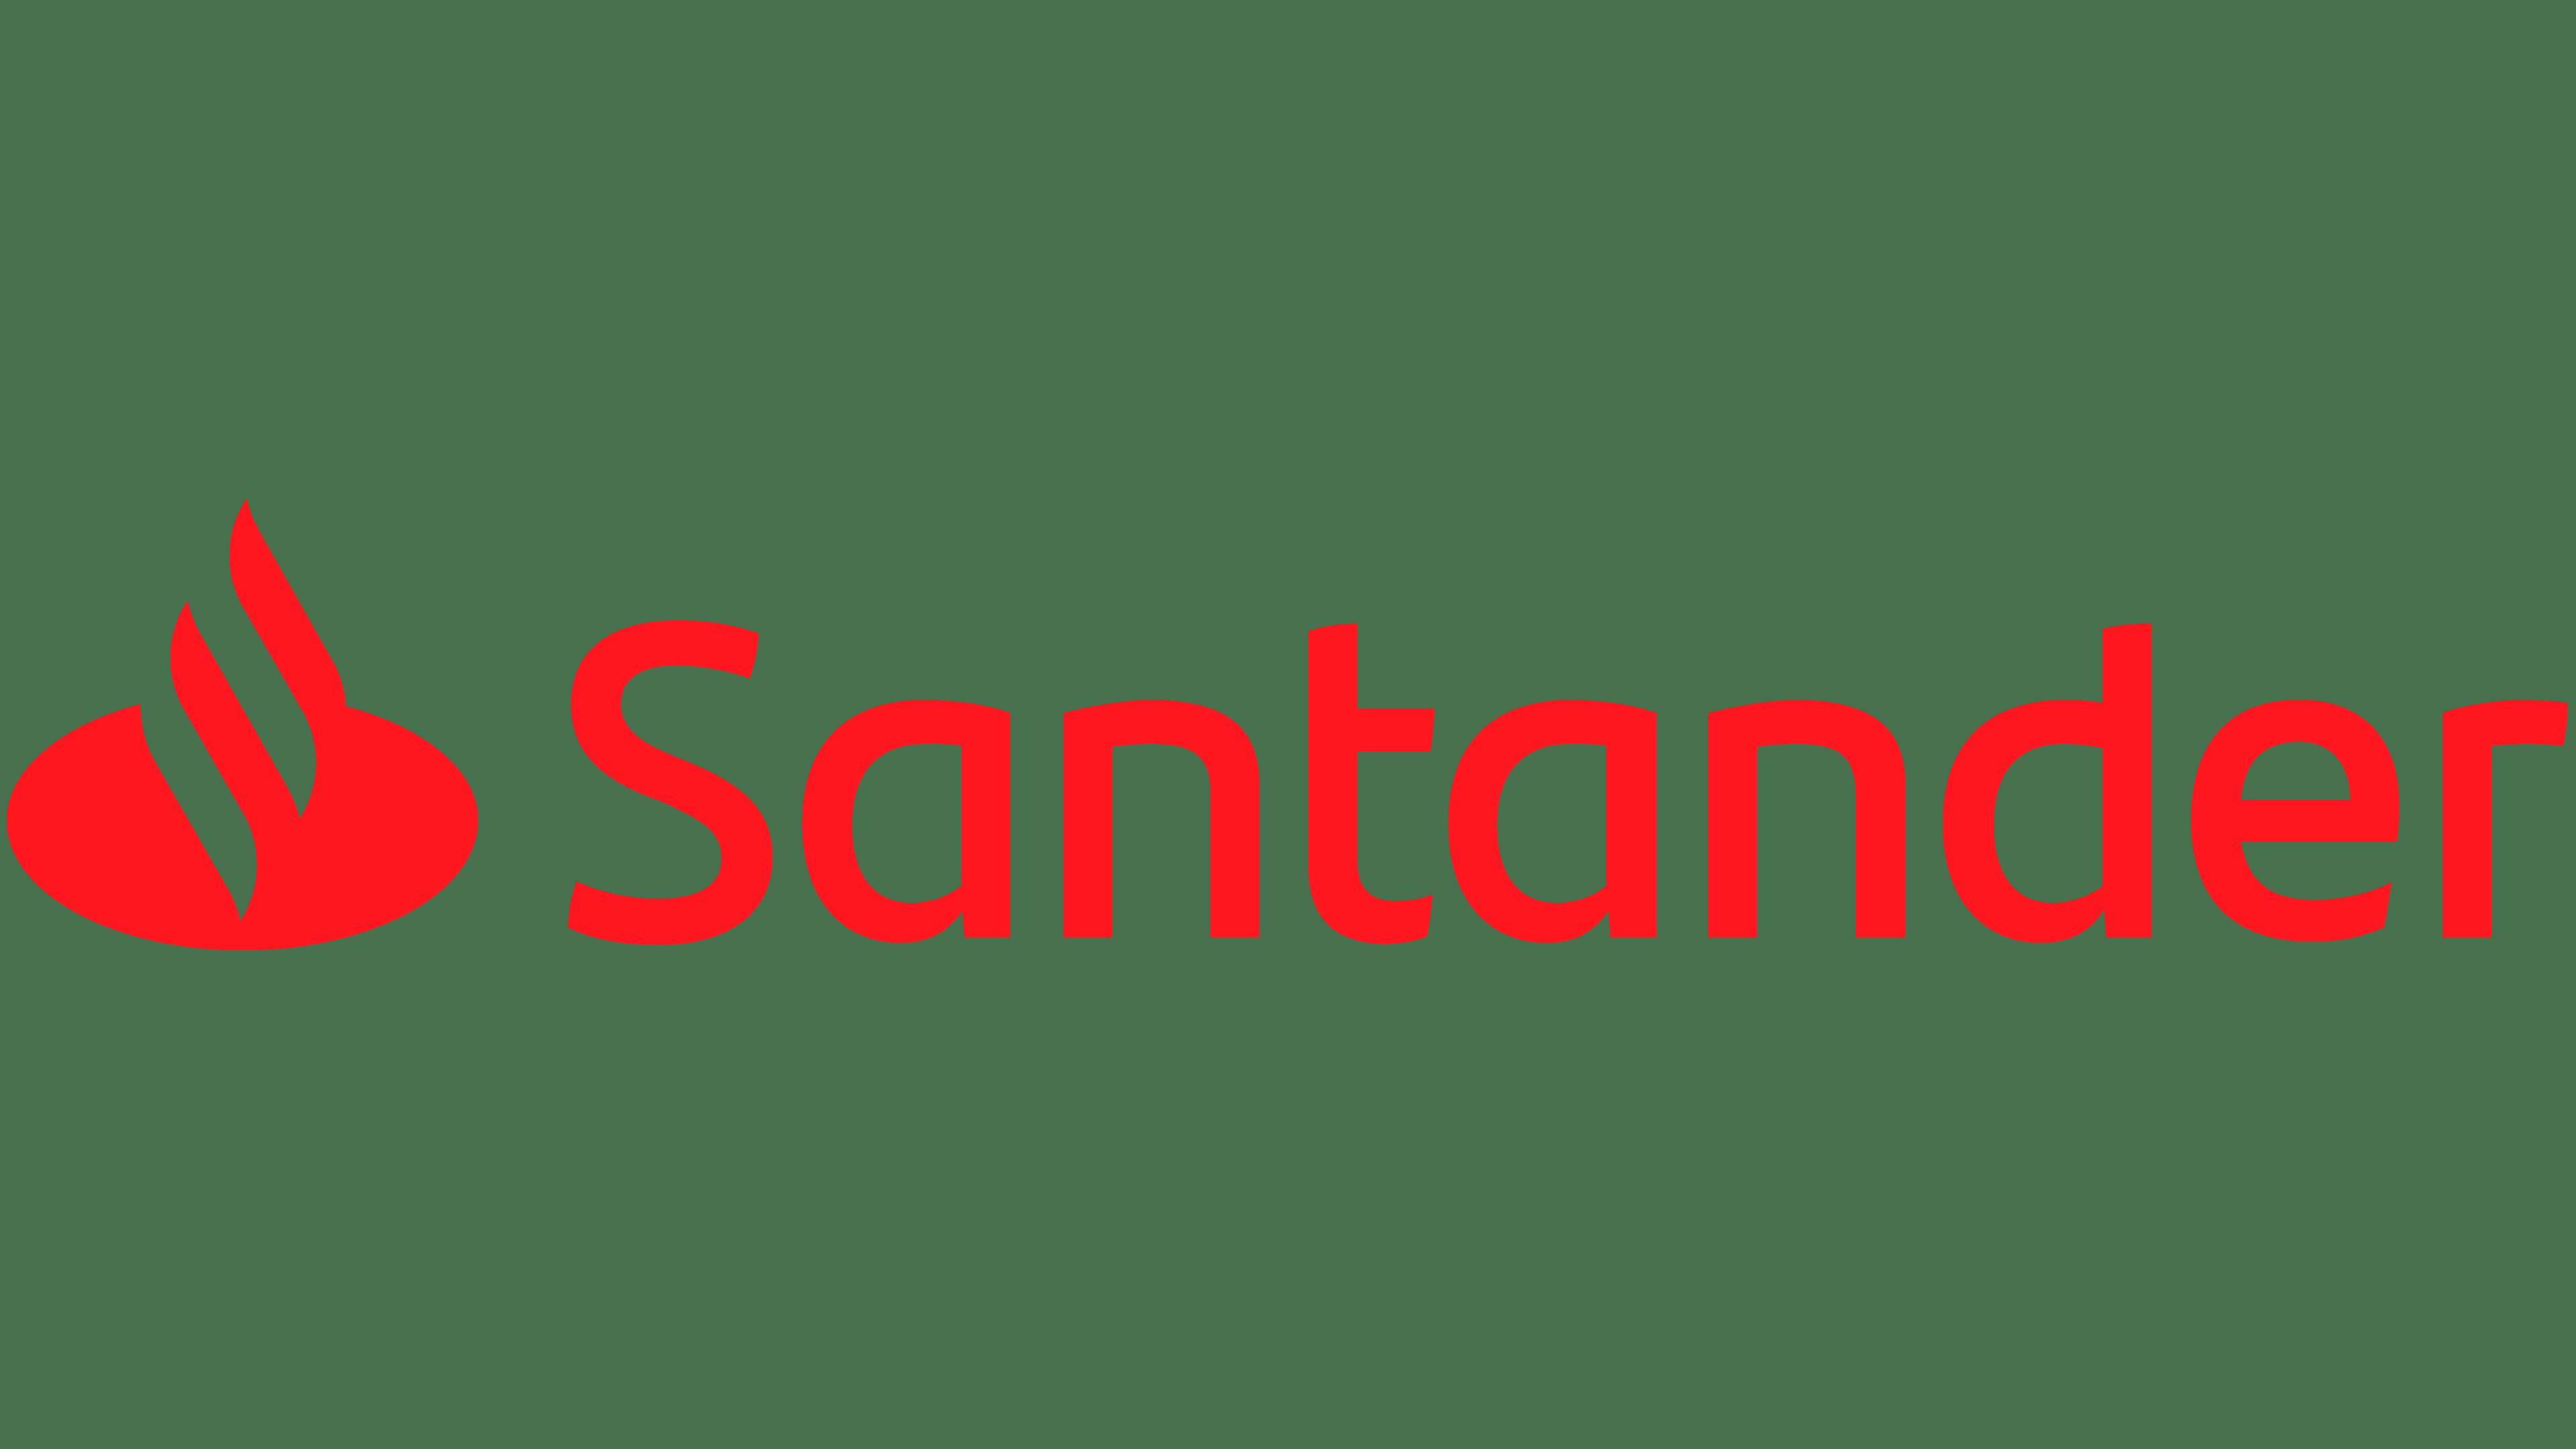 Santander logo santander symbol meaning history and - Be up santander ...